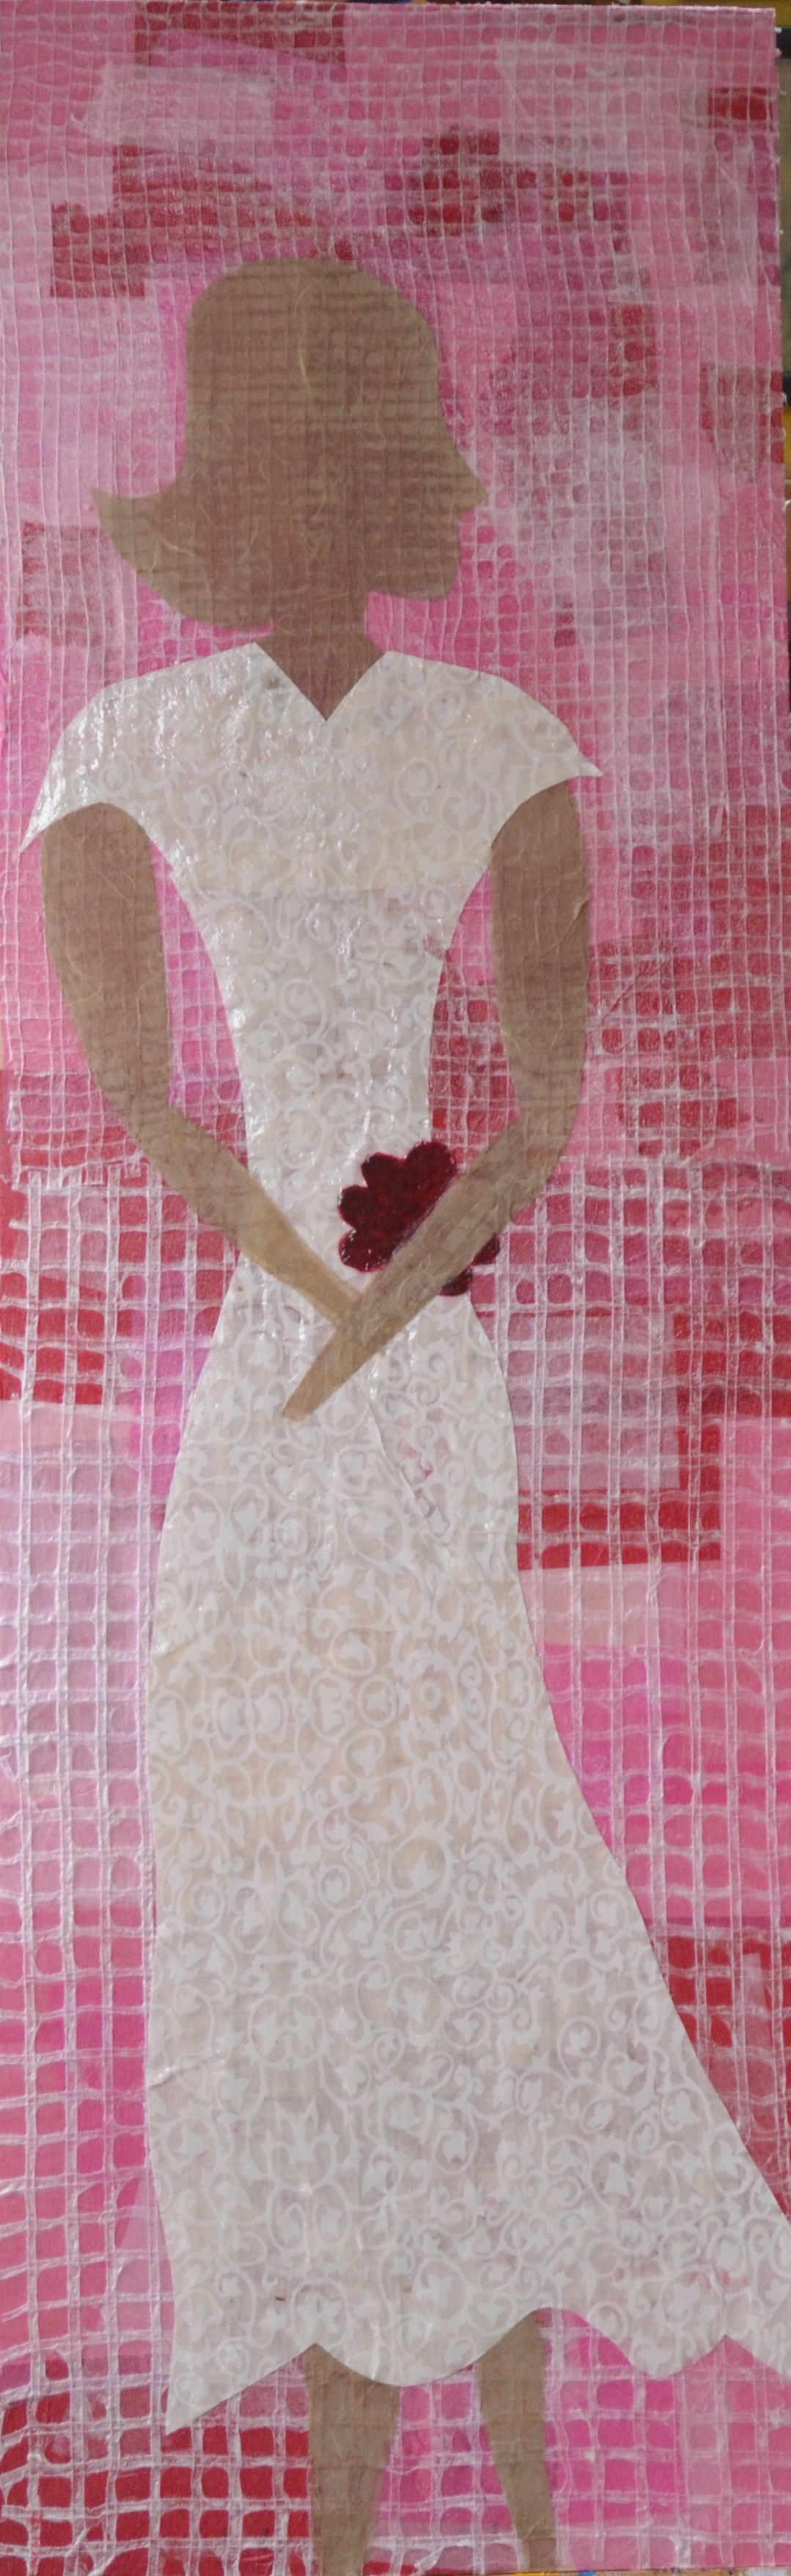 White Dress #16